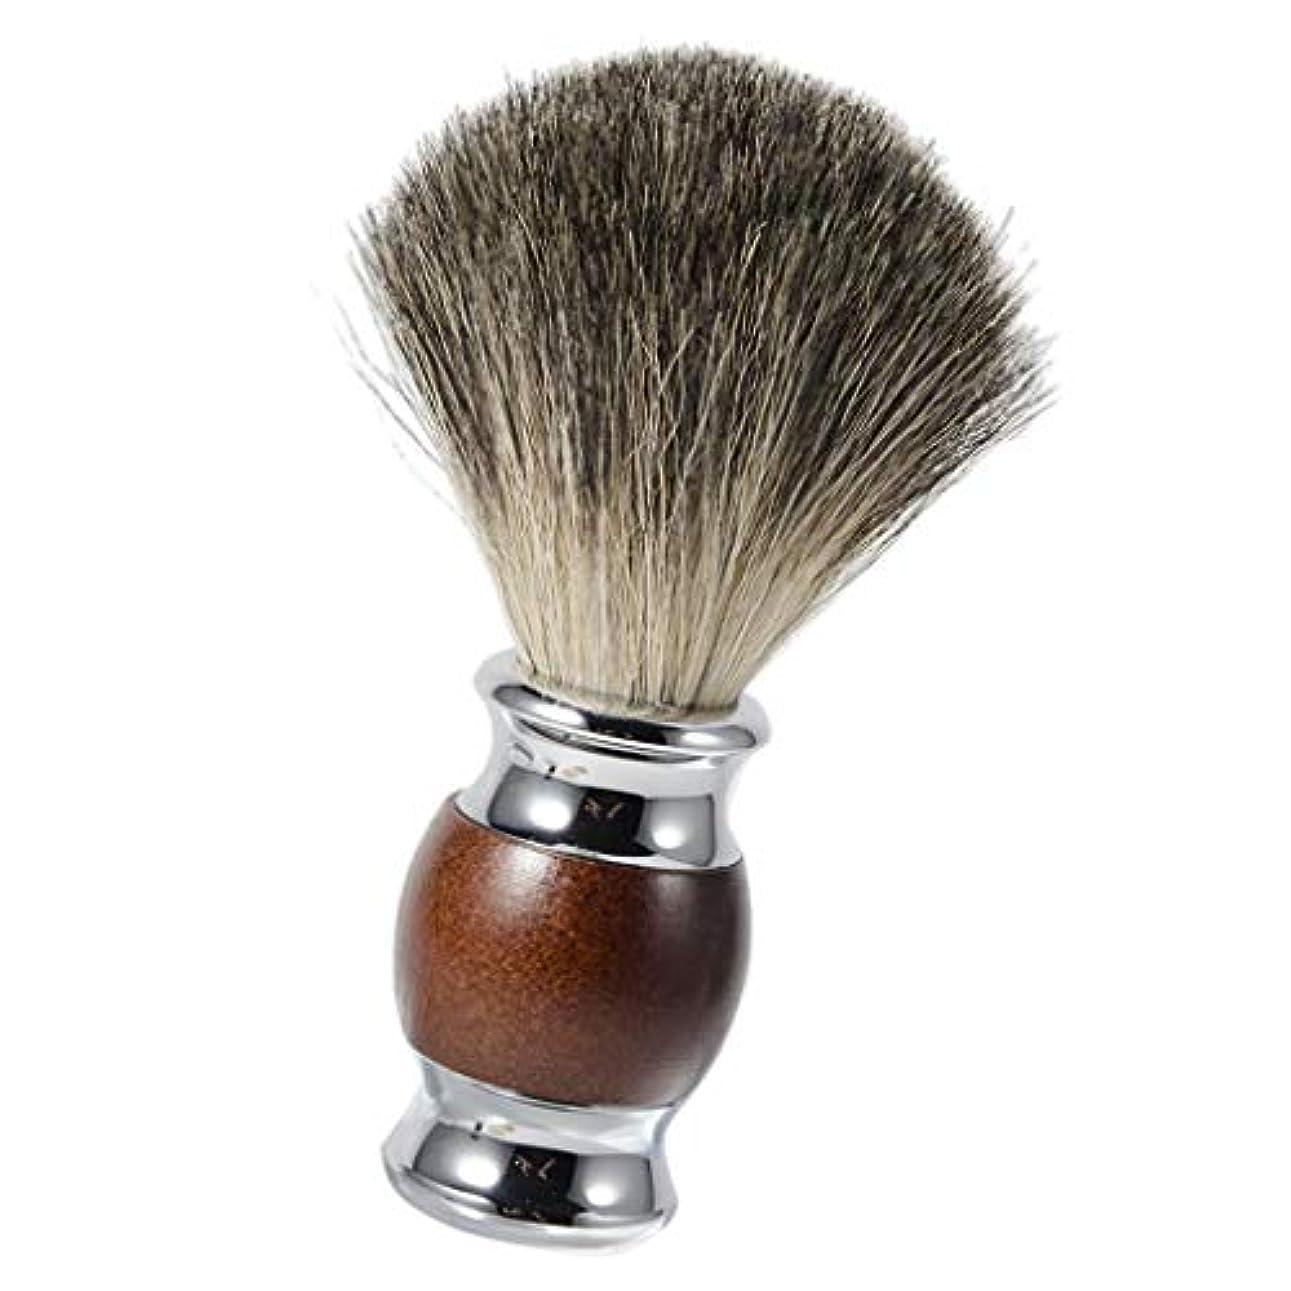 永久つかむ予算メンズ用 髭剃り ブラシ シェービングブラシ 木製ハンドル 理容 洗顔 髭剃り ギフト